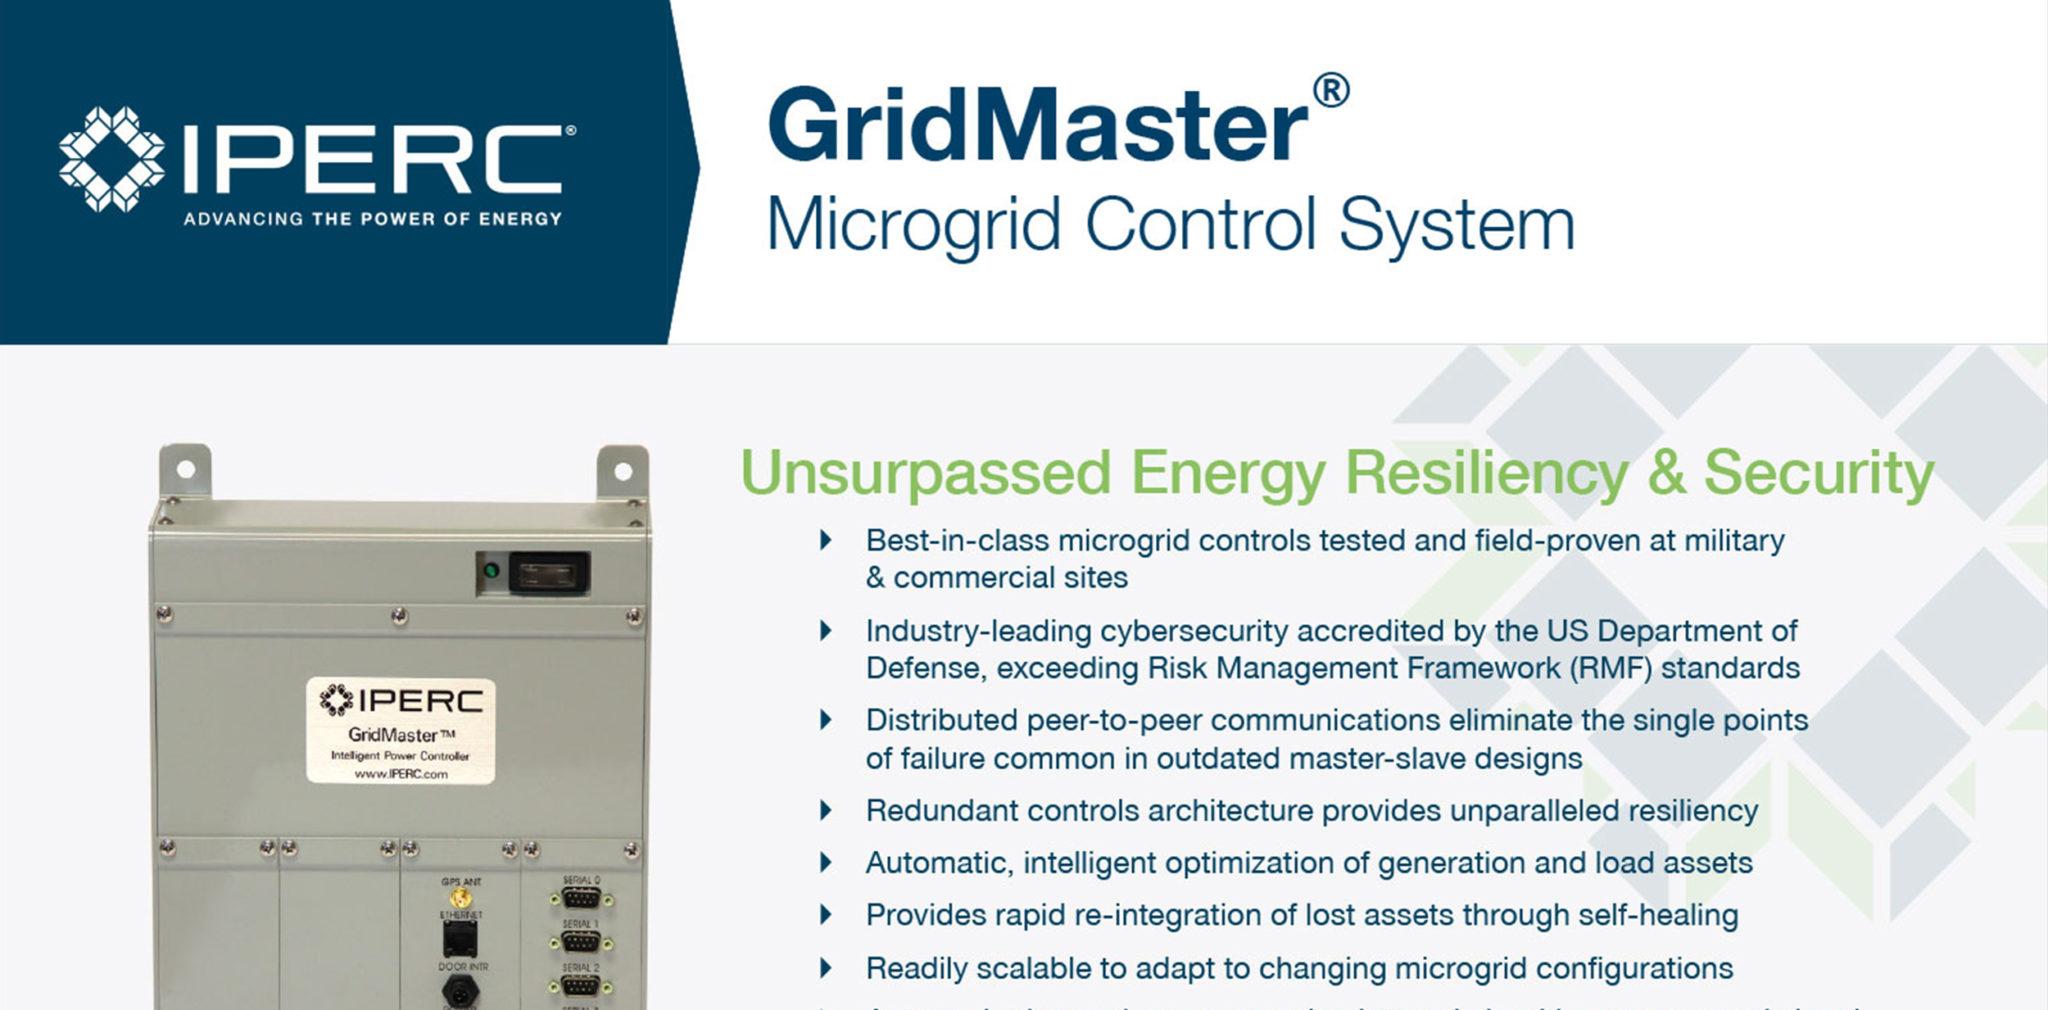 IPERC GridMaster Datasheet